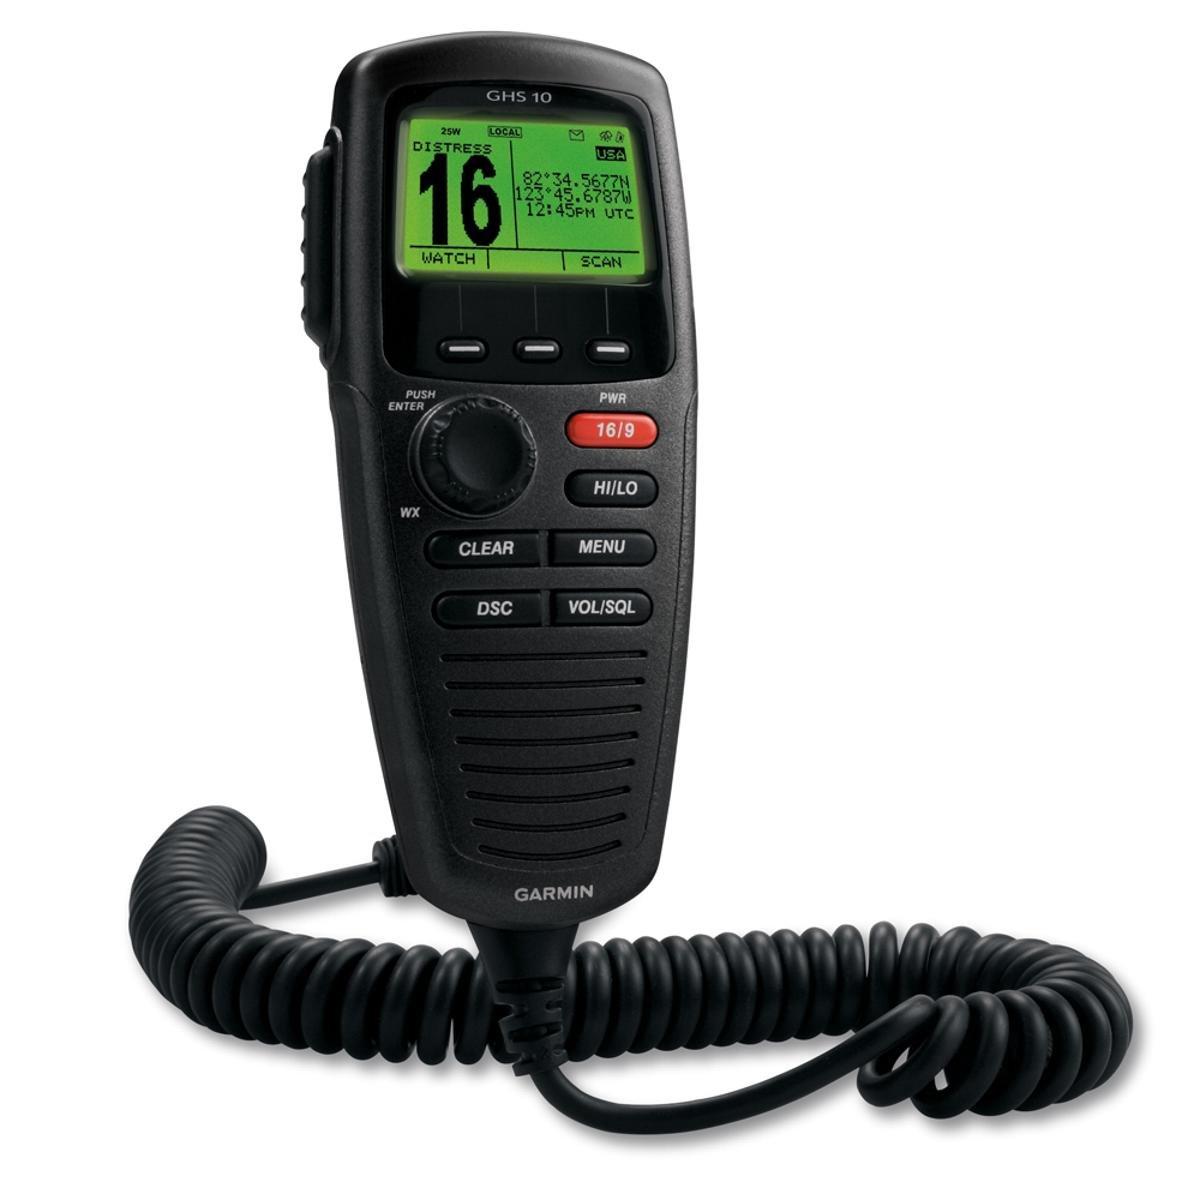 Garmin GHS 10 Wired VHF Handset Speaker microphone black for VHF 200, 300, 300 AIS B0041FKEHE